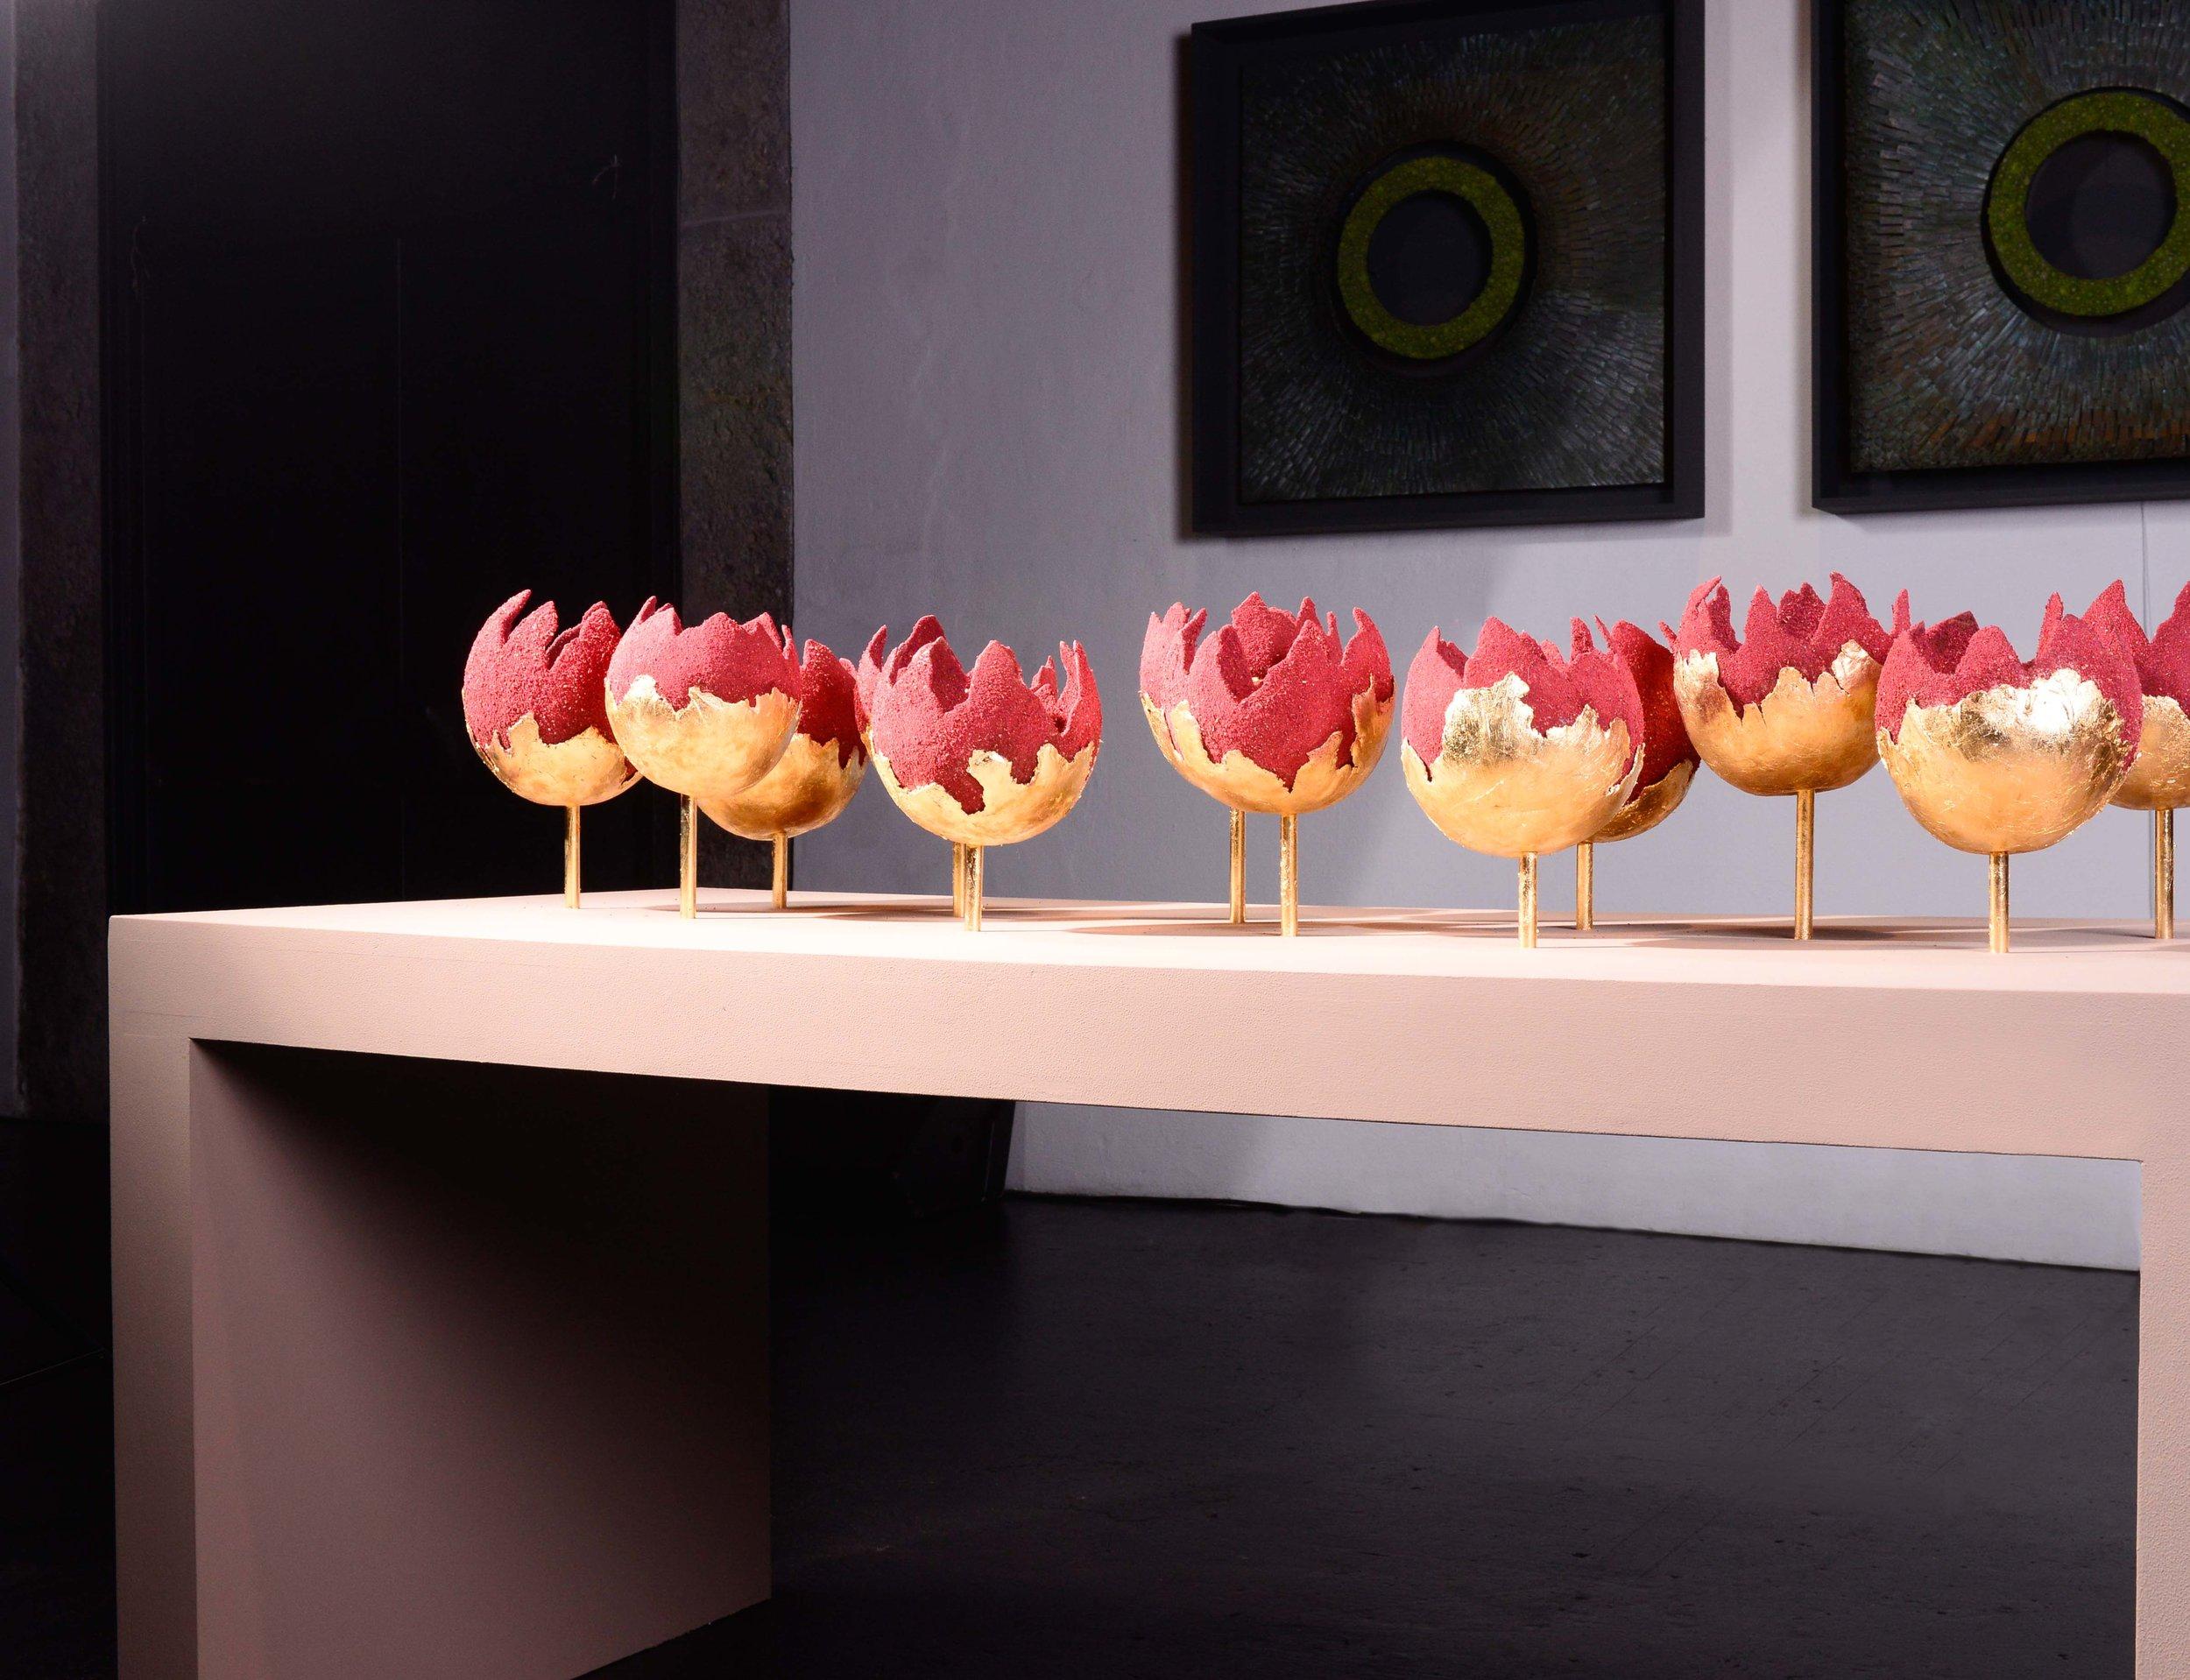 Frei schwebende Fantasieblüten bildeten ein einzigartiges Ensemble - geschaffen durch Alexandra Hummel aus Deutschland.